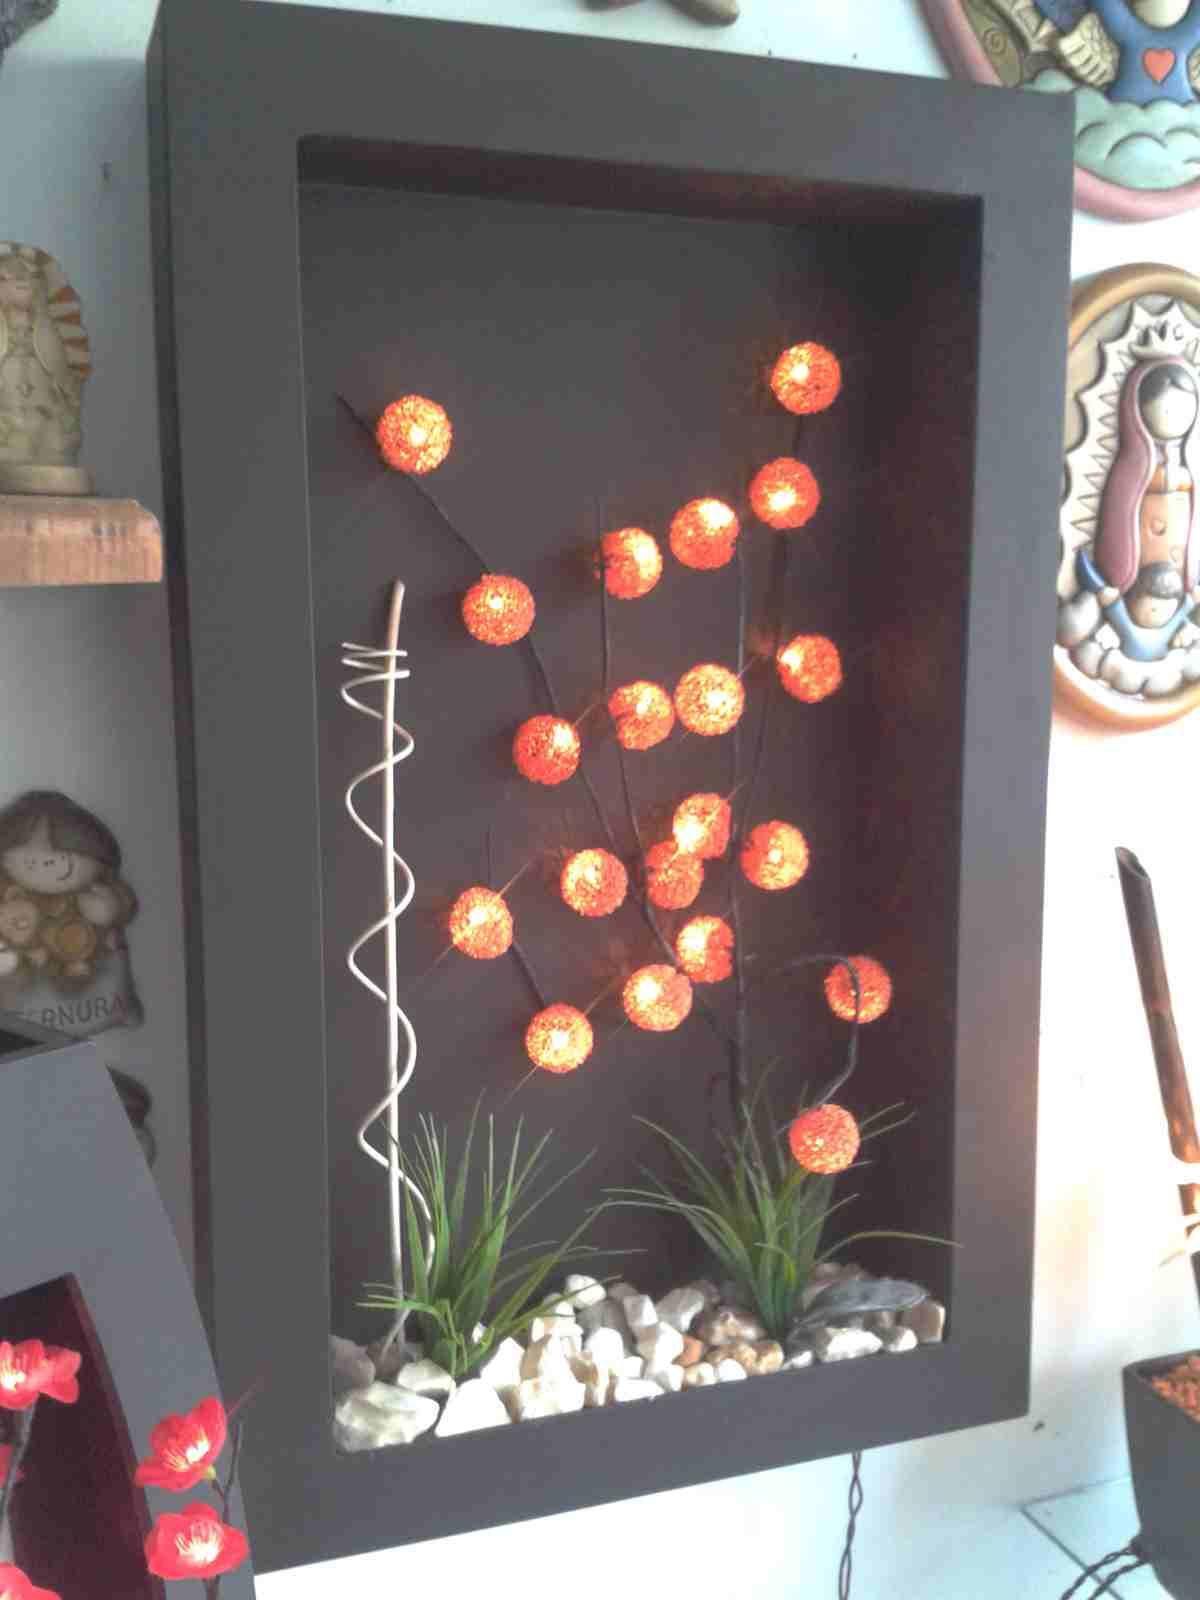 Lampara De Pared Con Esferas De Leds Y Decoracion Con Follaje En Cuadro De Mdf En Color C Decoracion De Pared De Flores Decoracion Con Marcos Florero De Madera